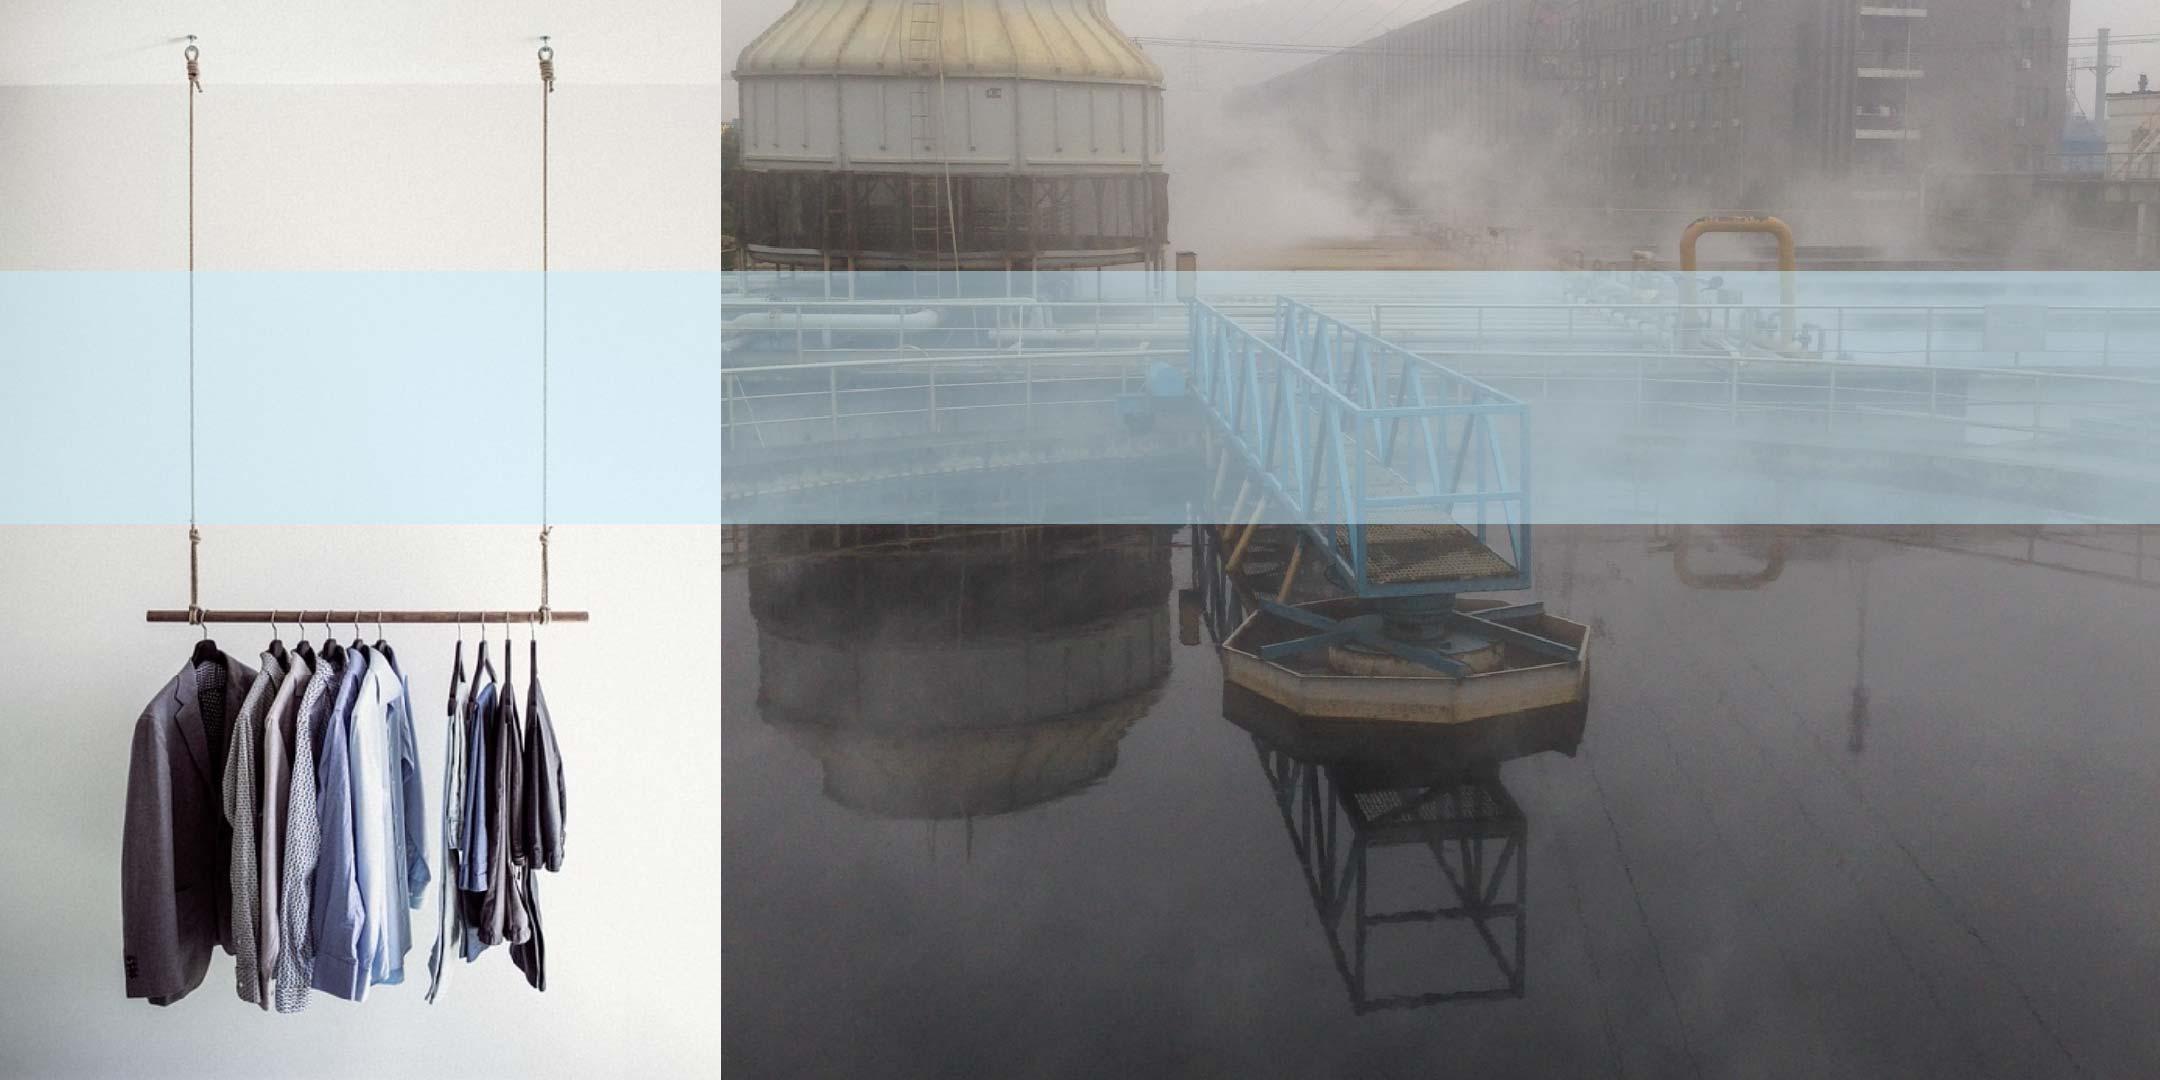 water-stewardship-23-01.jpg